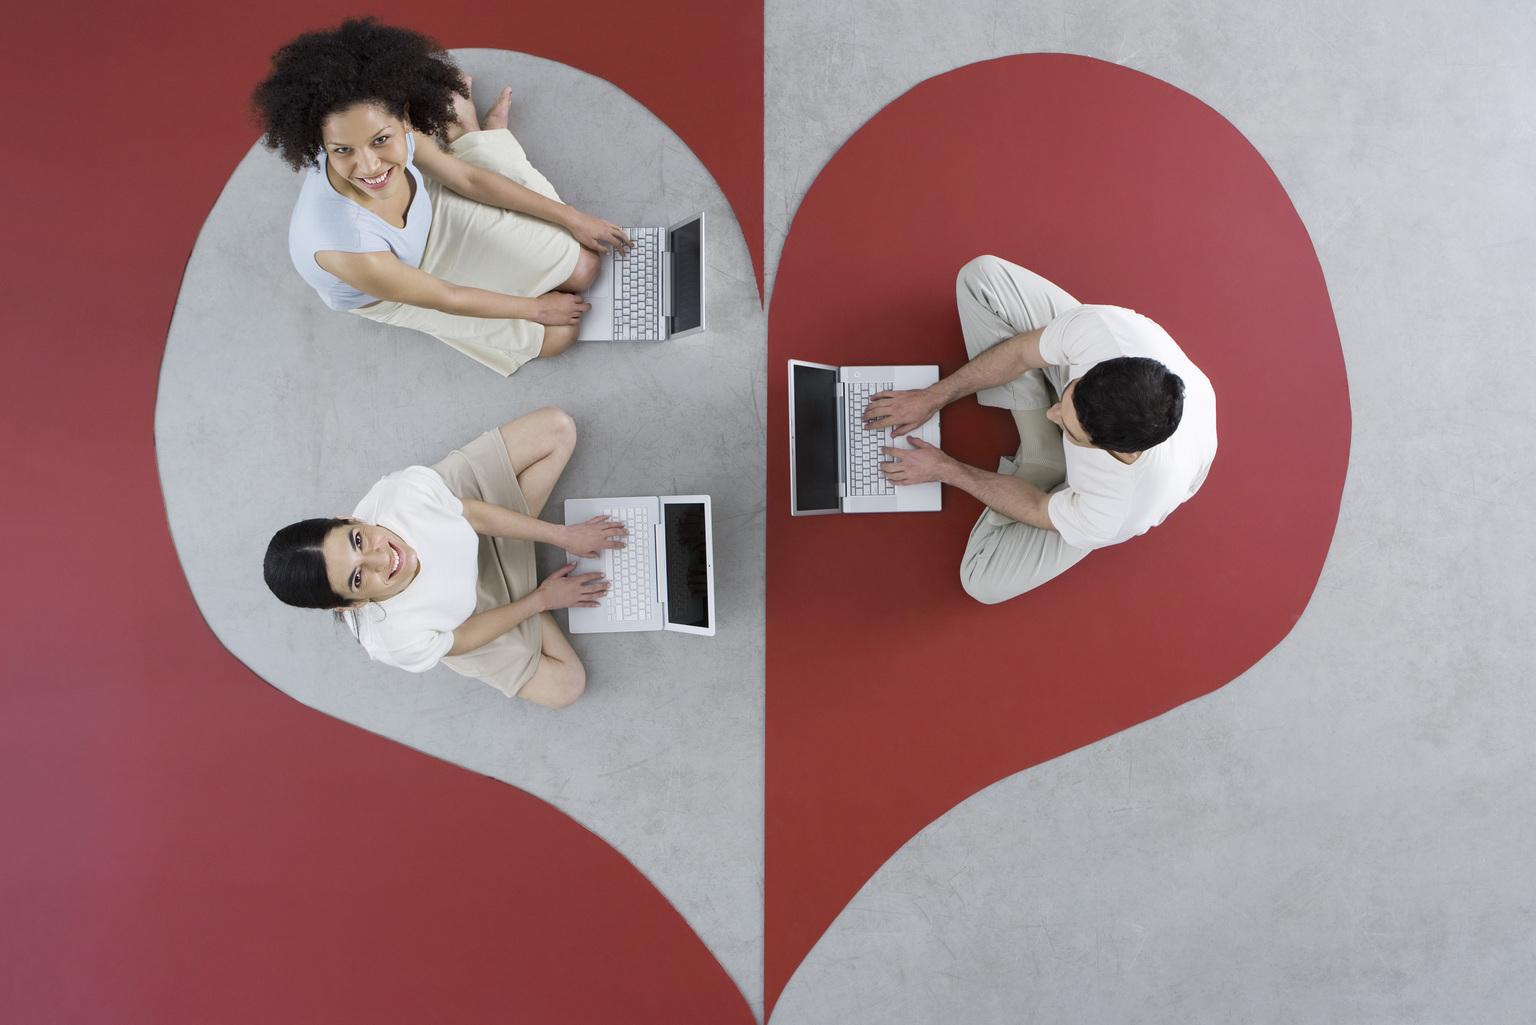 Online társkereső kérdések, amelyeket fel kell tennie